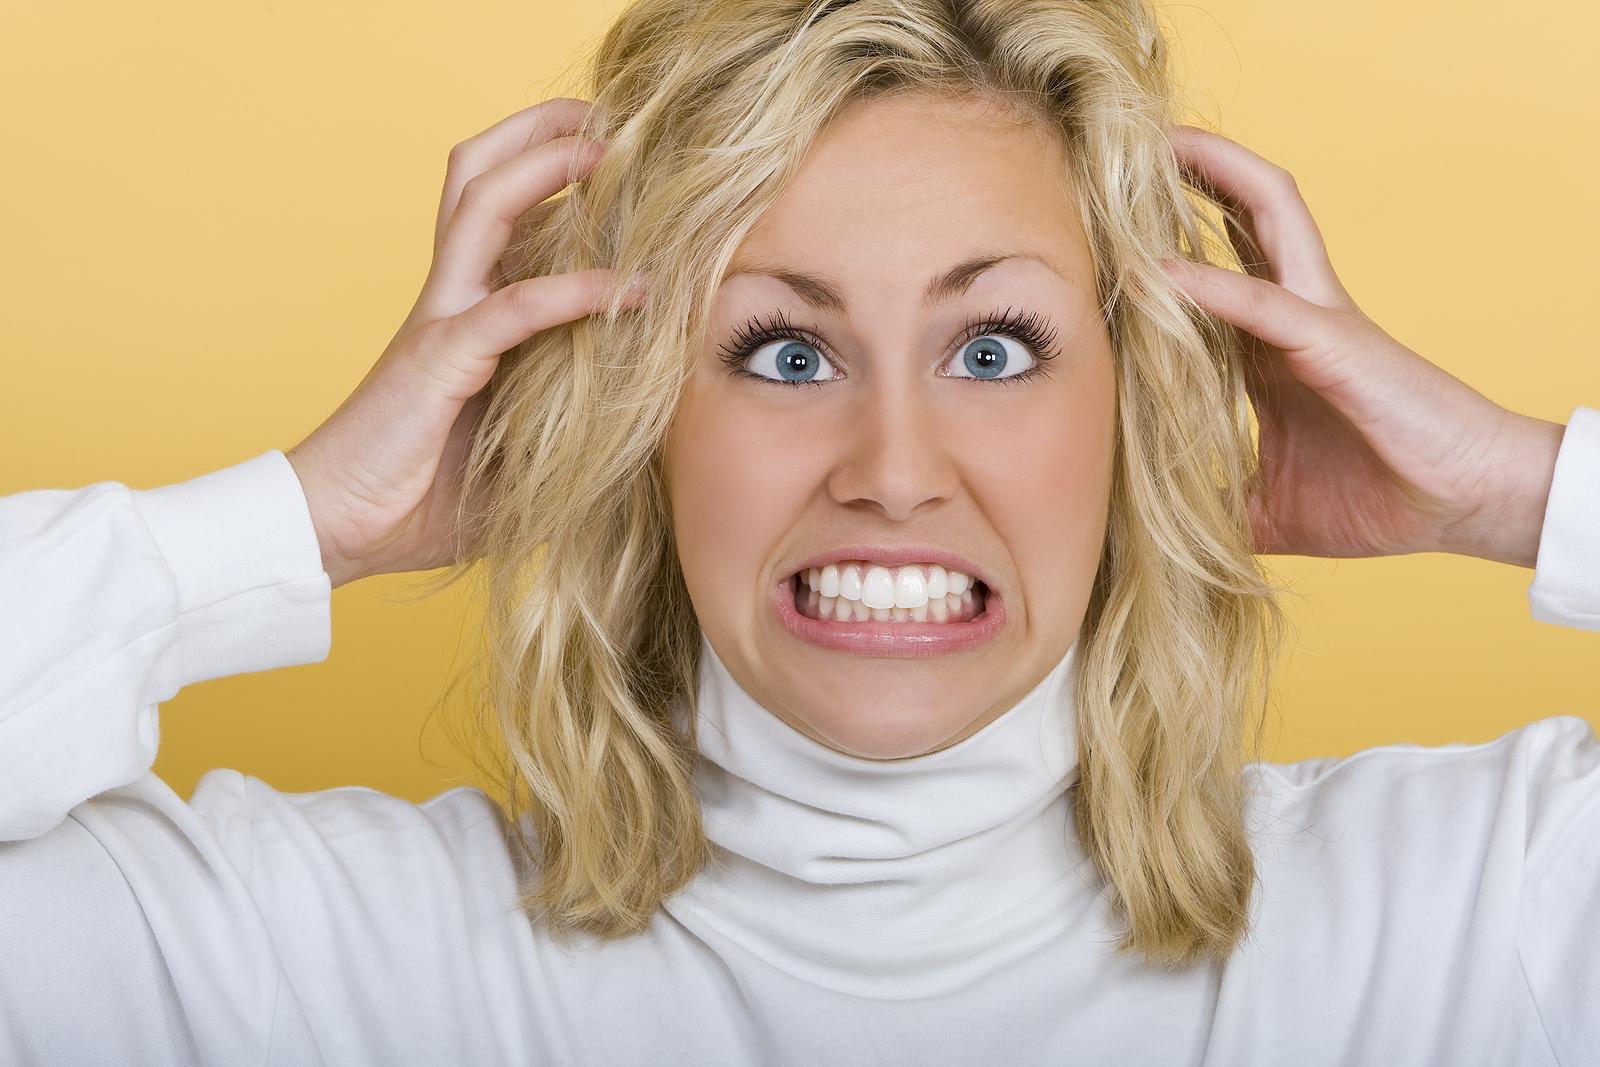 Чешется голова и выпадают волосы стресс